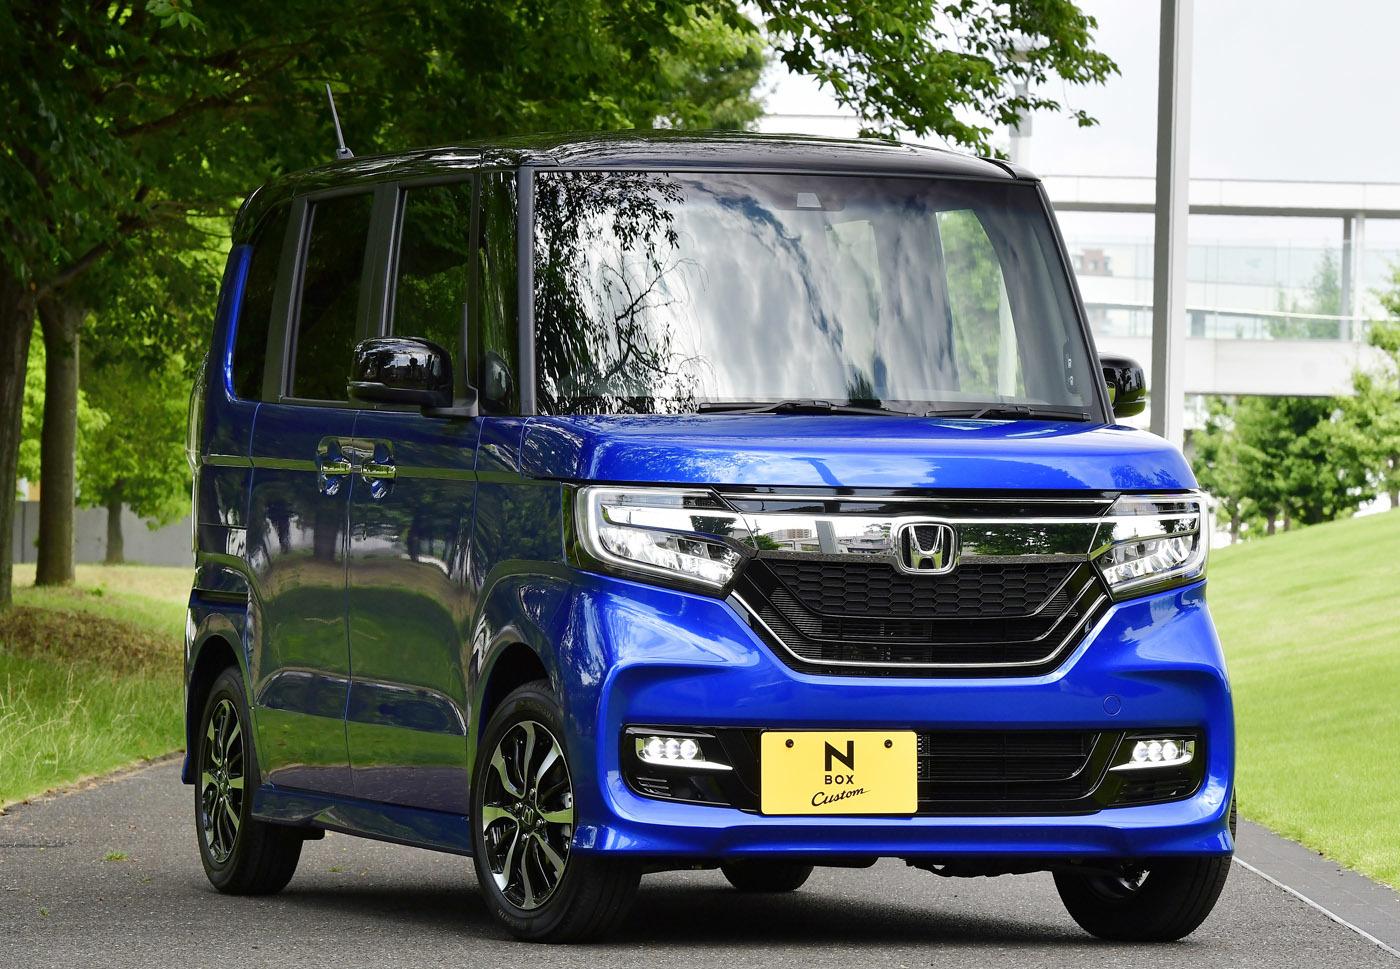 ホンダN-BOXカスタム。N-BOXは今や日本のトップセラーカー。そういうクルマがド派手顔を採用